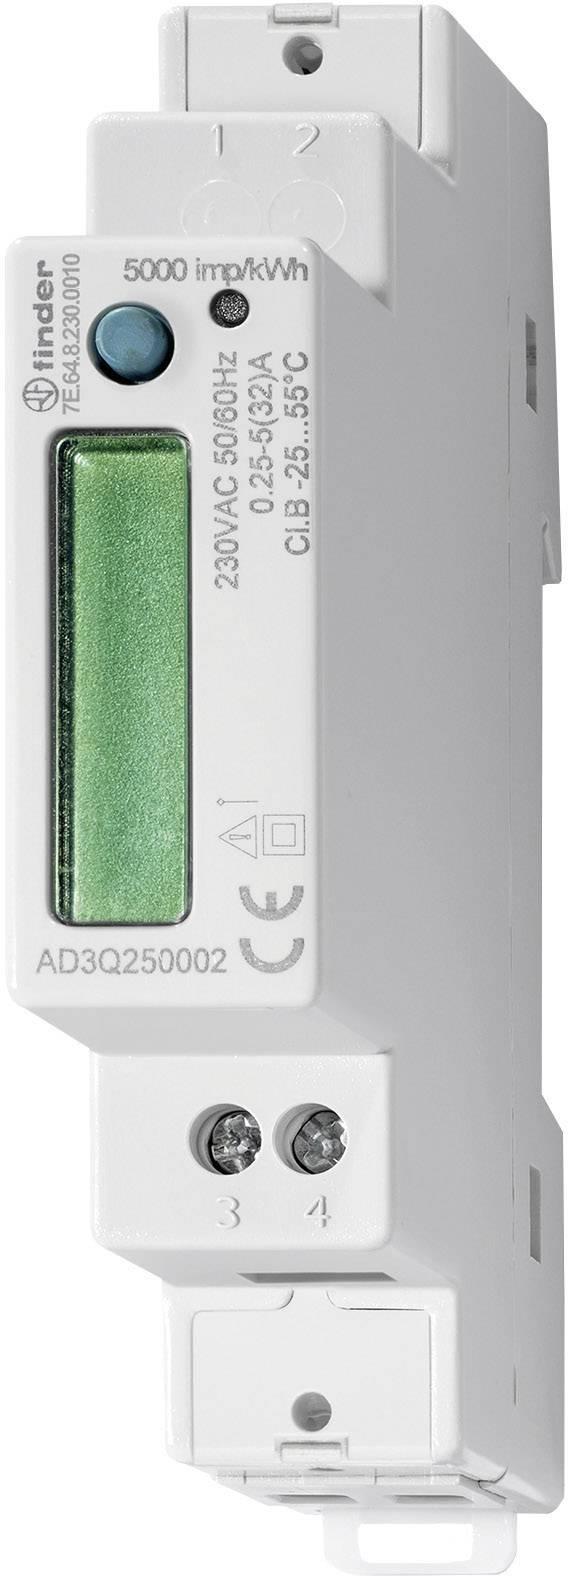 Jednofázový elektroměr digitální Úředně schválený: Ano Finder 7E.64.8.230.0010